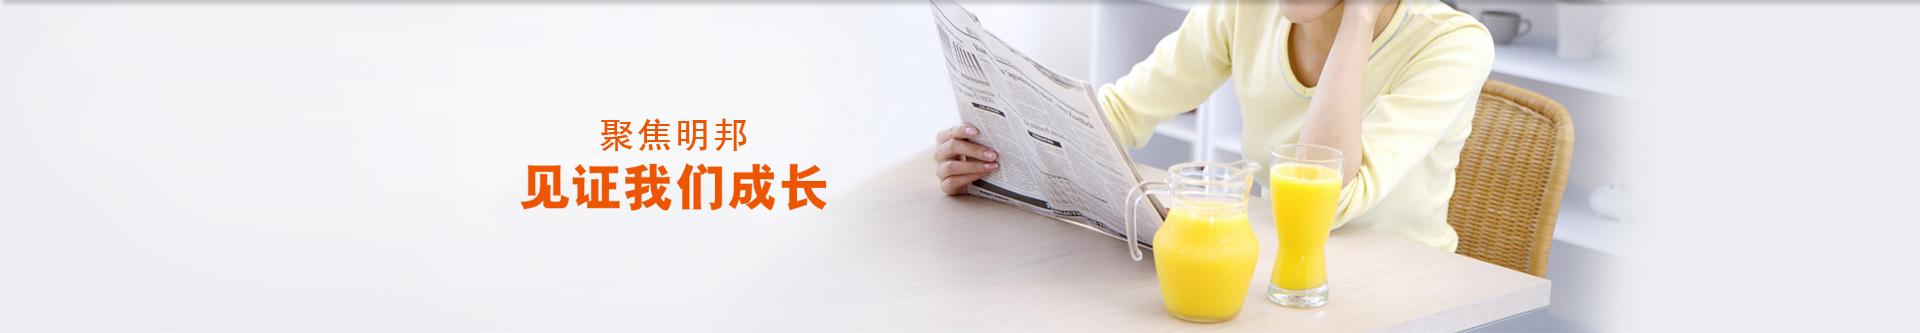 明邦化工简介